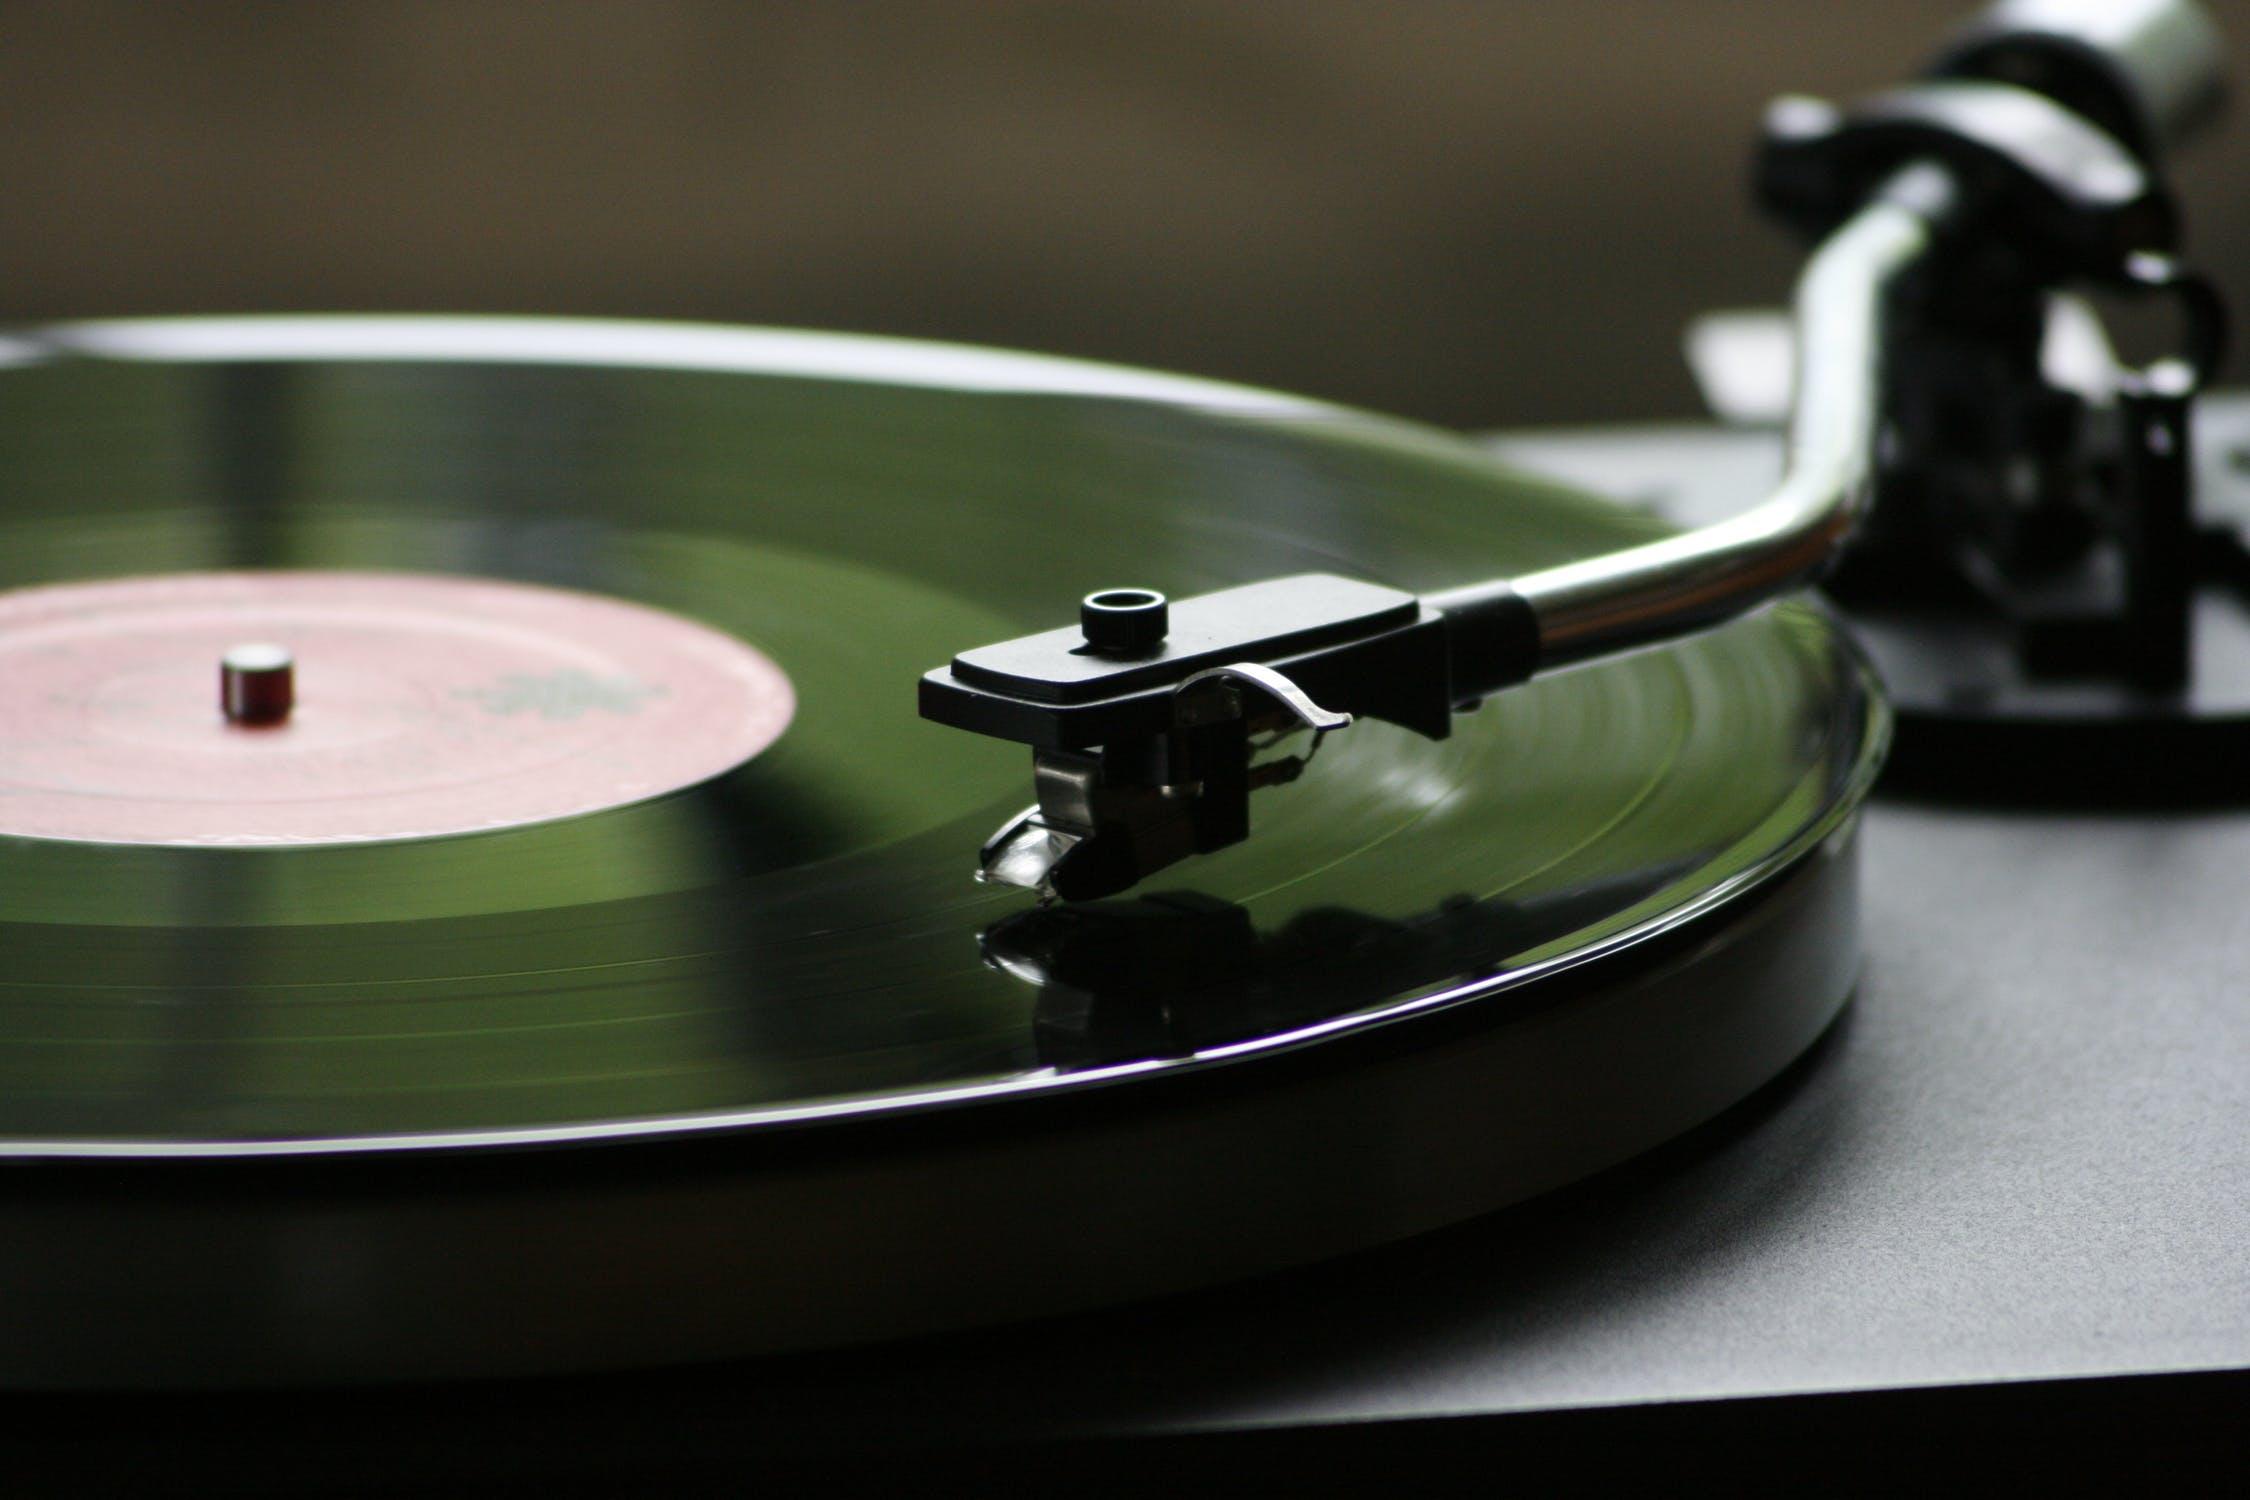 Quelle Marque De Platine Vinyle Choisir la nouvelle platine vinyle bluetooth, comparatif et avis